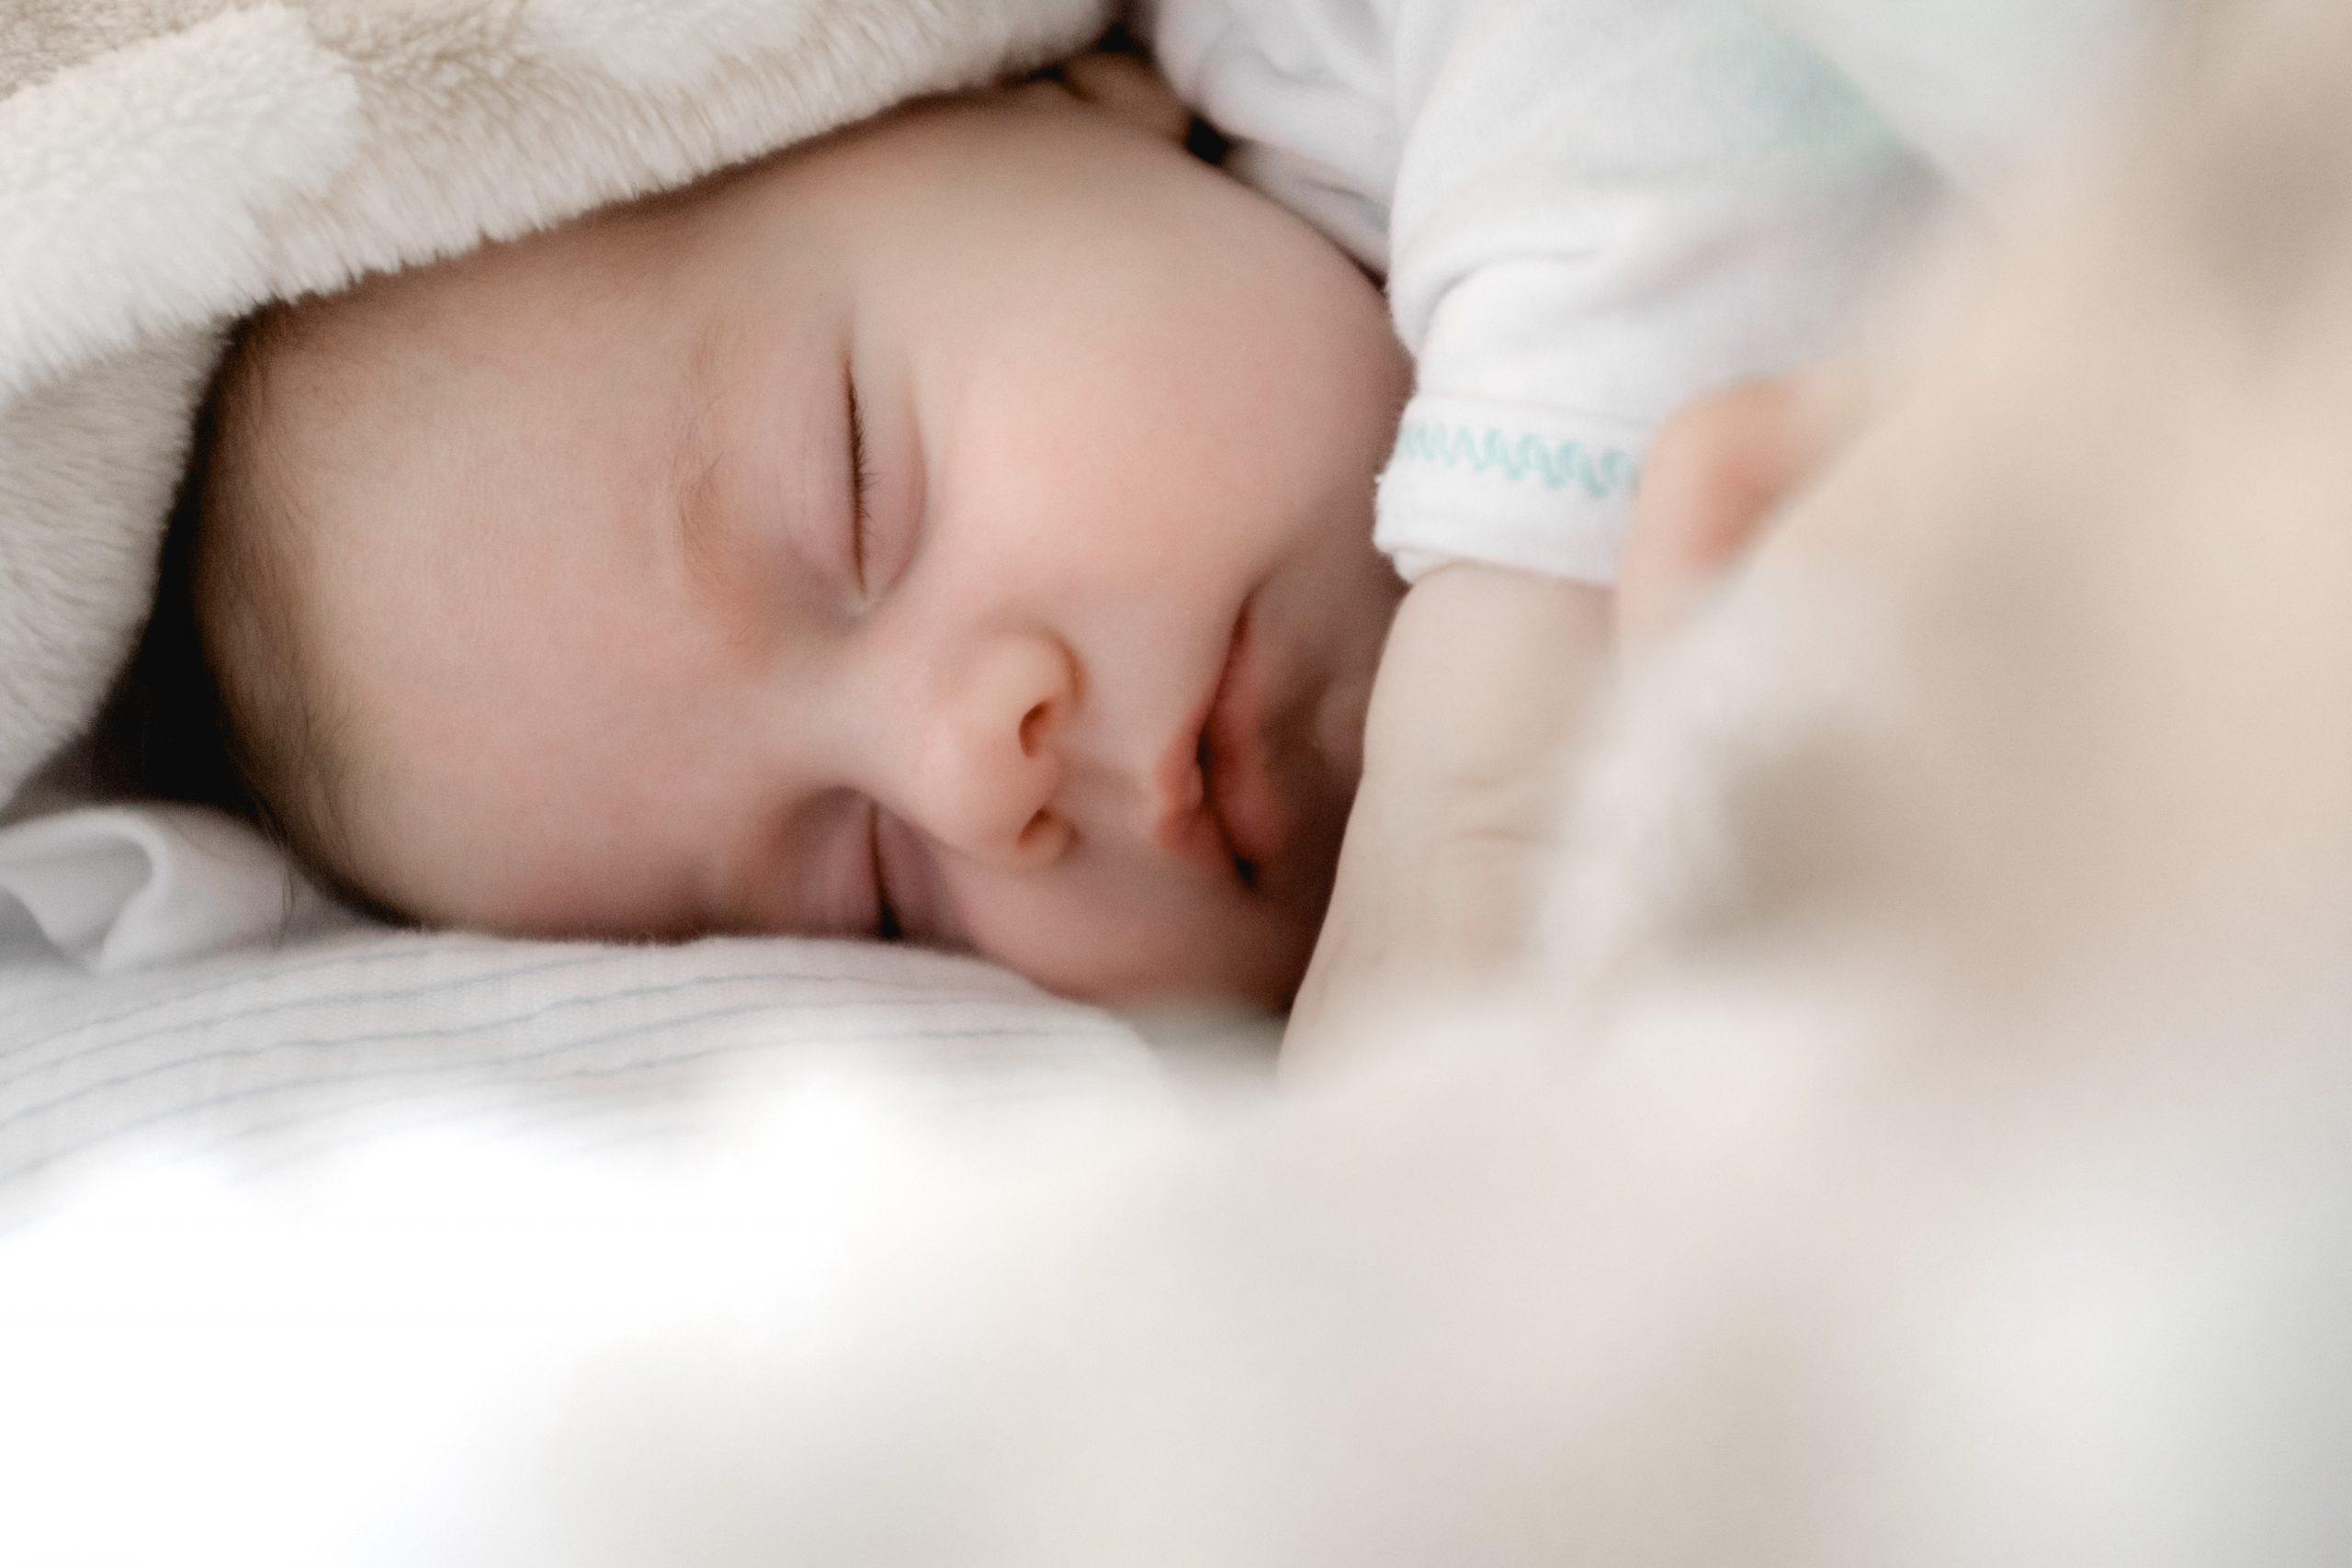 Somnul liniștit al bebelușilor reprezintă secretul somnului liniștit al părinților!